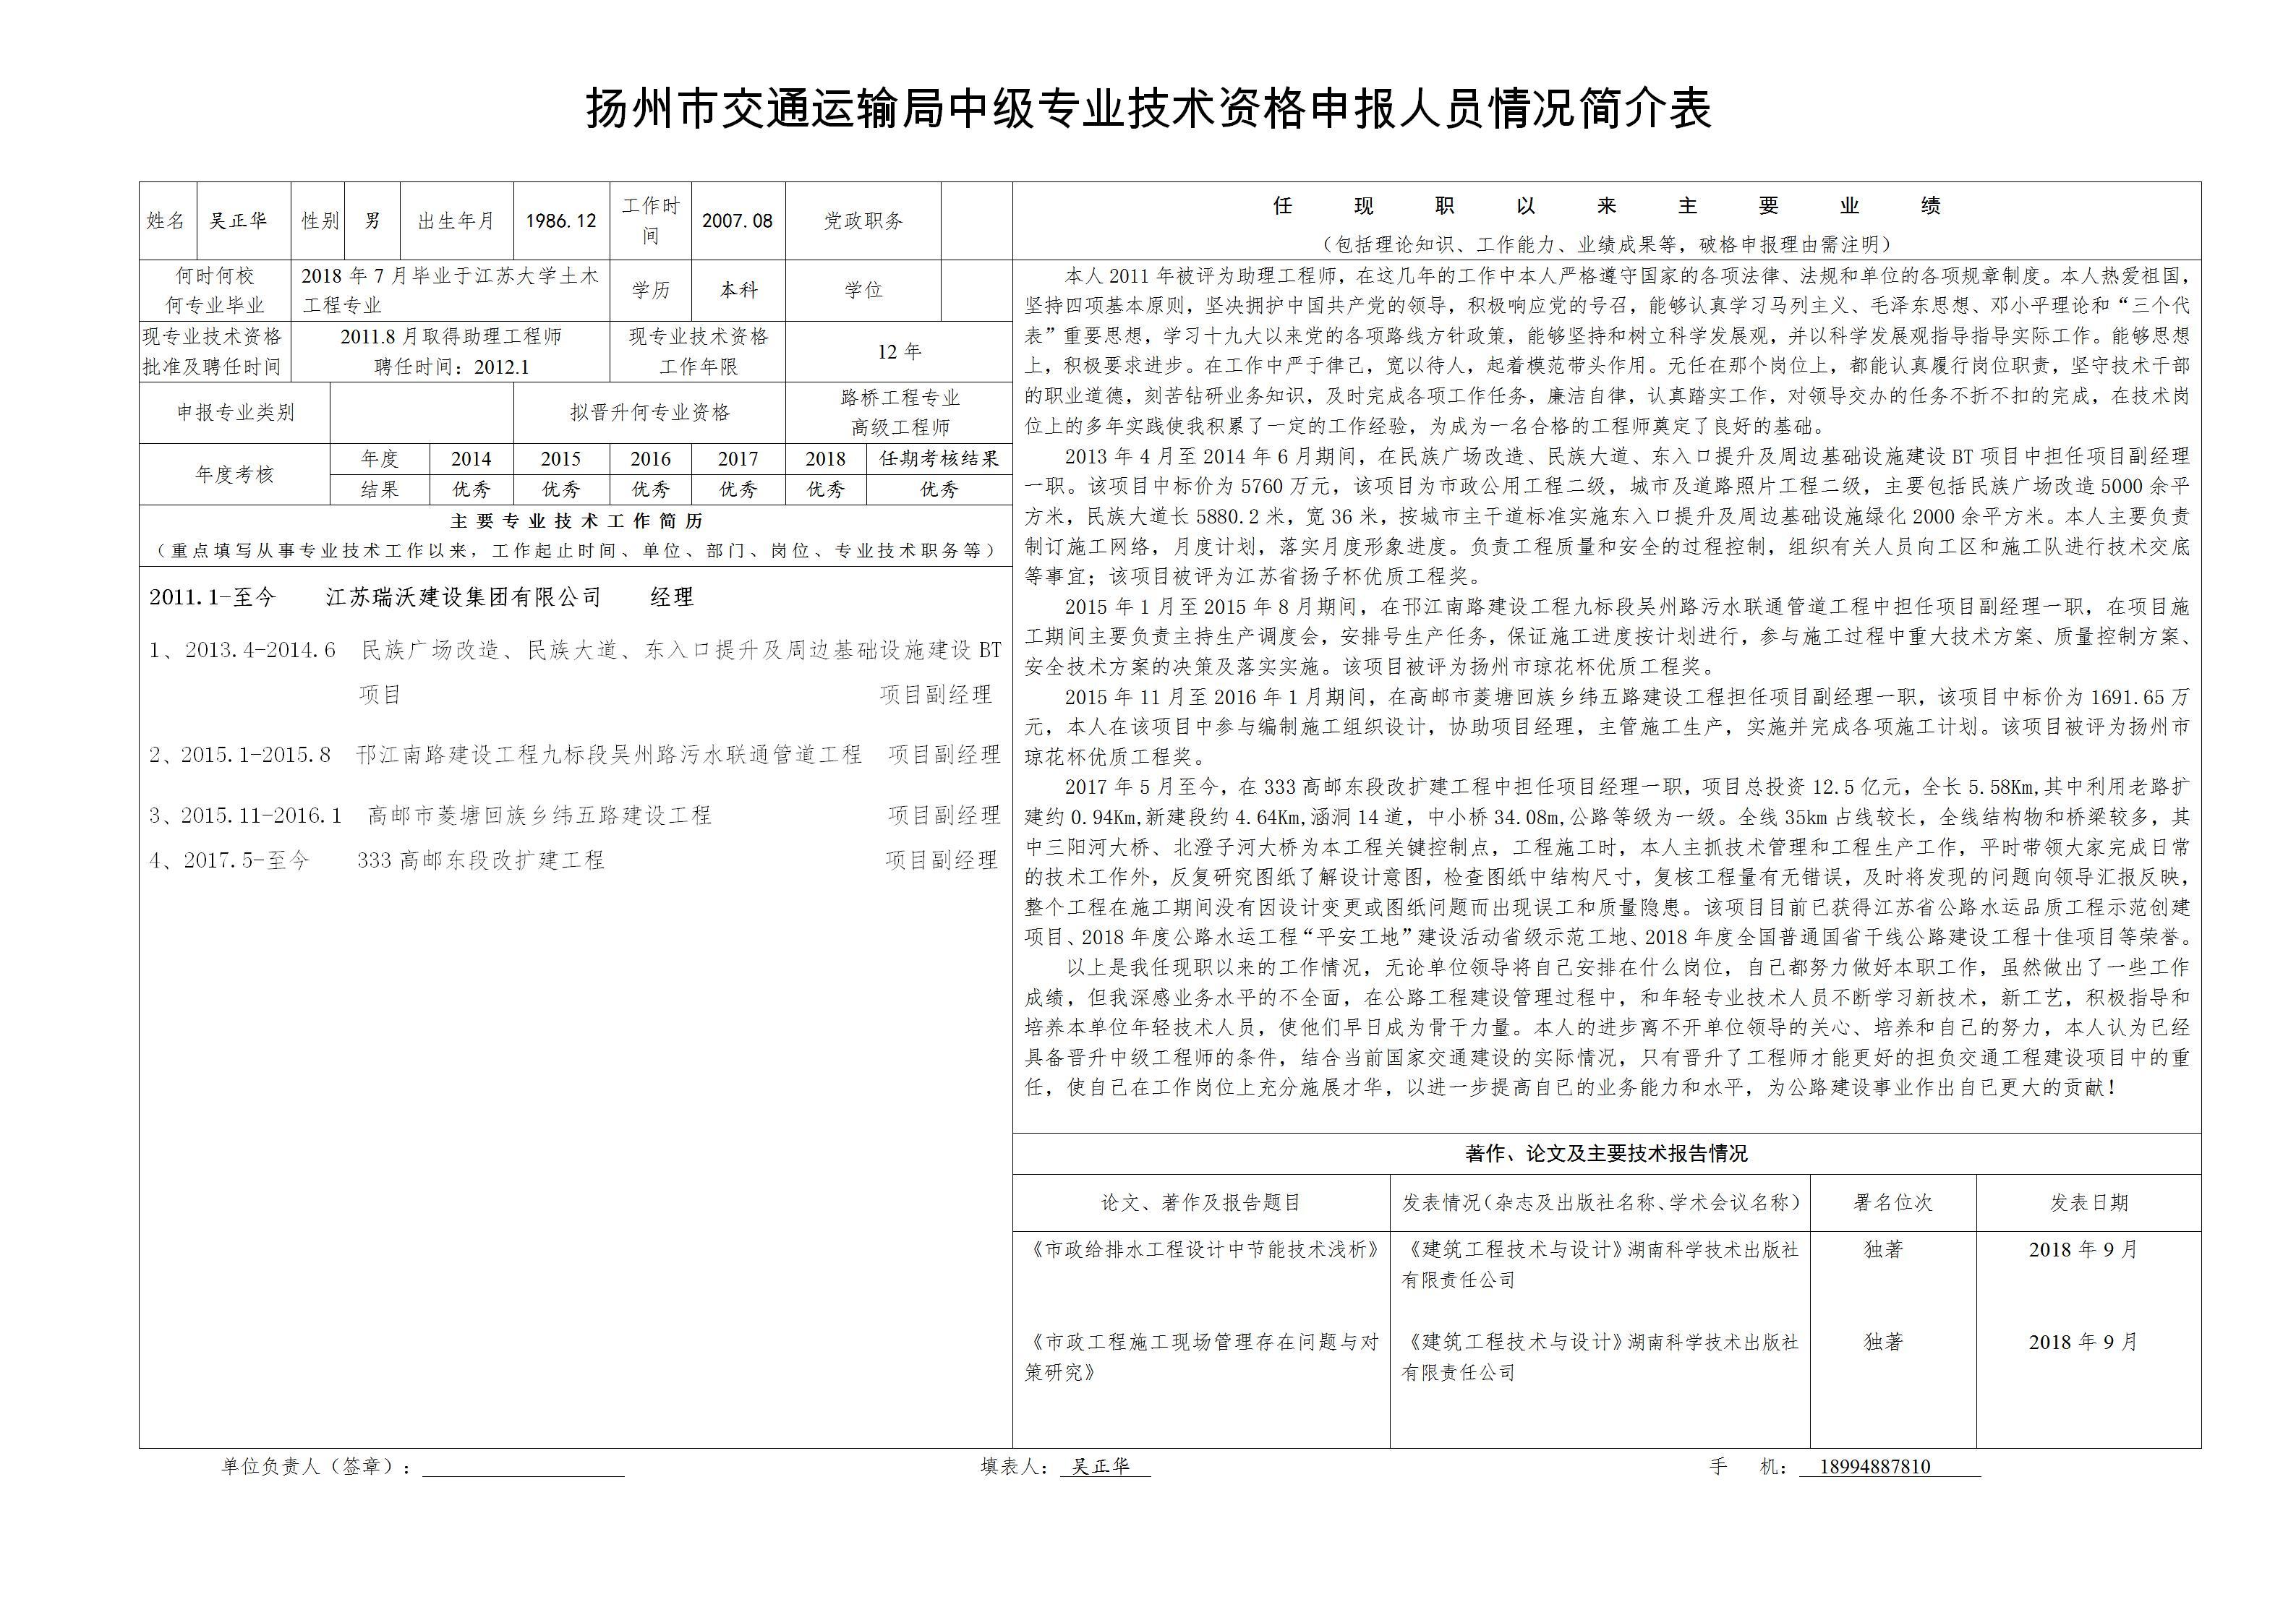 附件一:江苏省高级职称申报情况简介表-吴正华_01.jpg